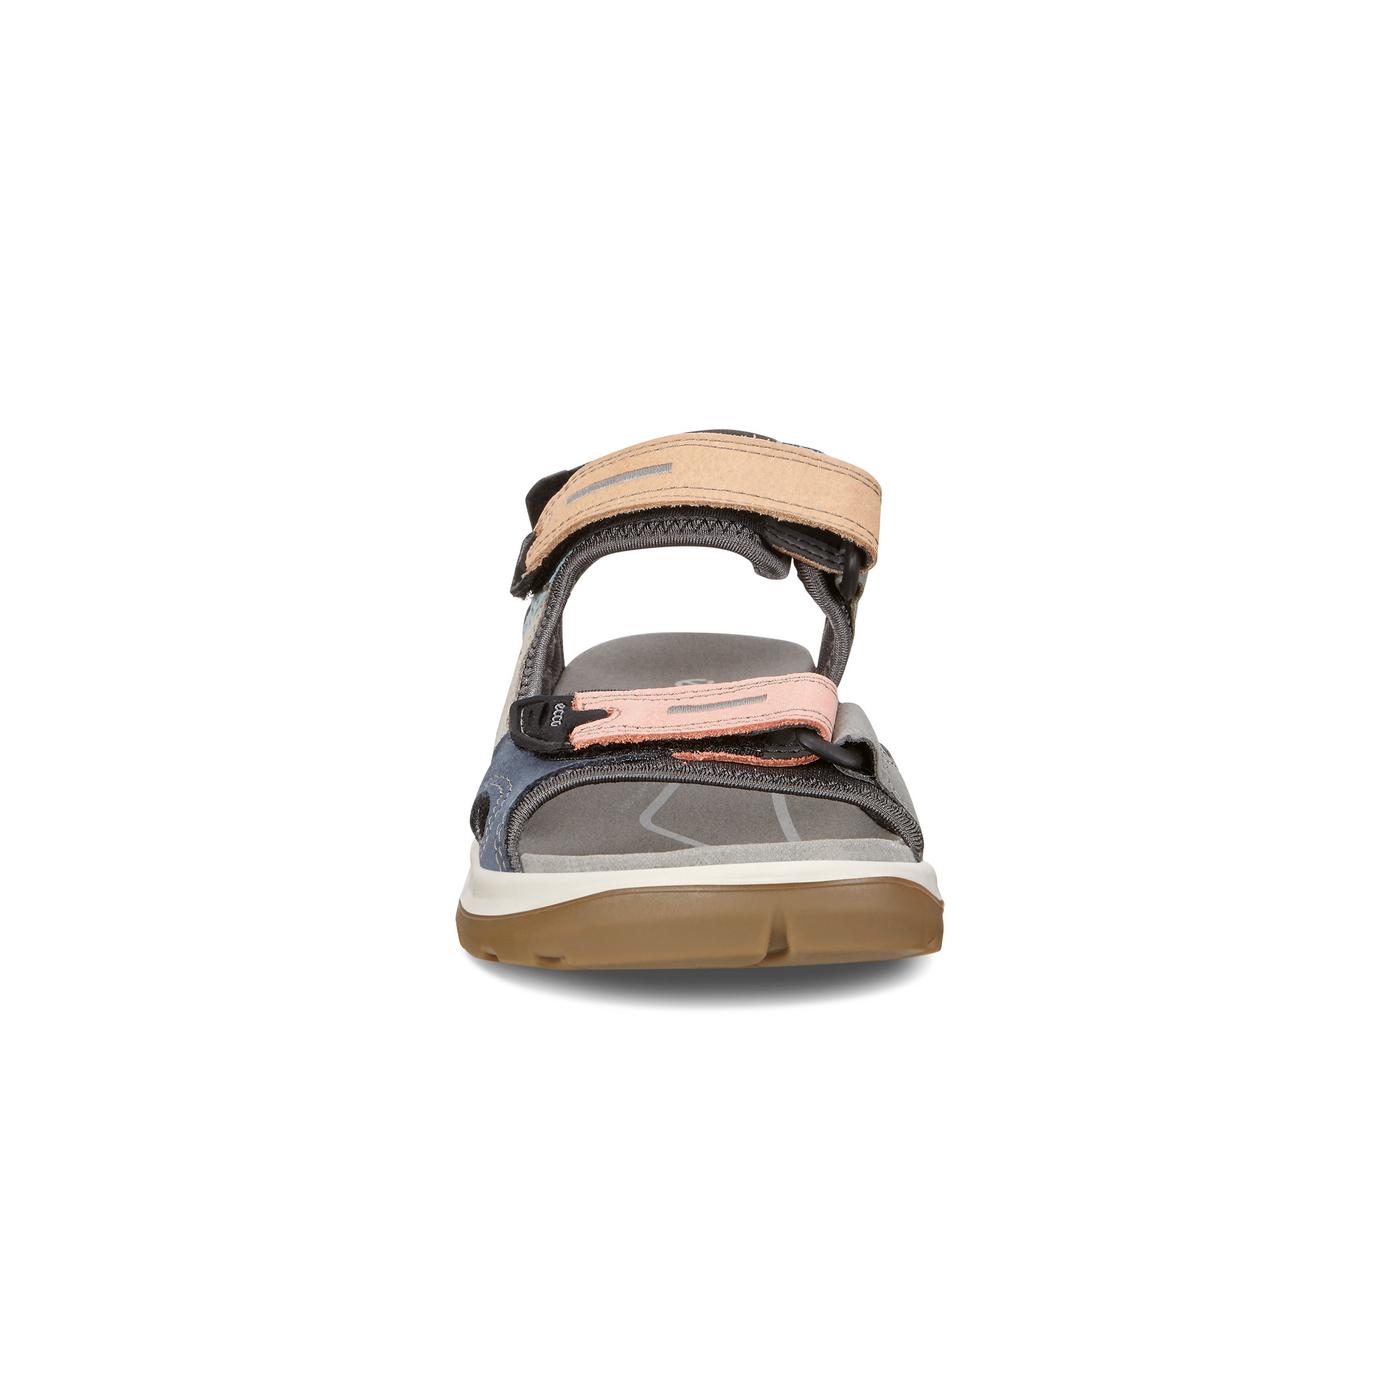 ECCO OFFROAD Womens Multicolor Sandal